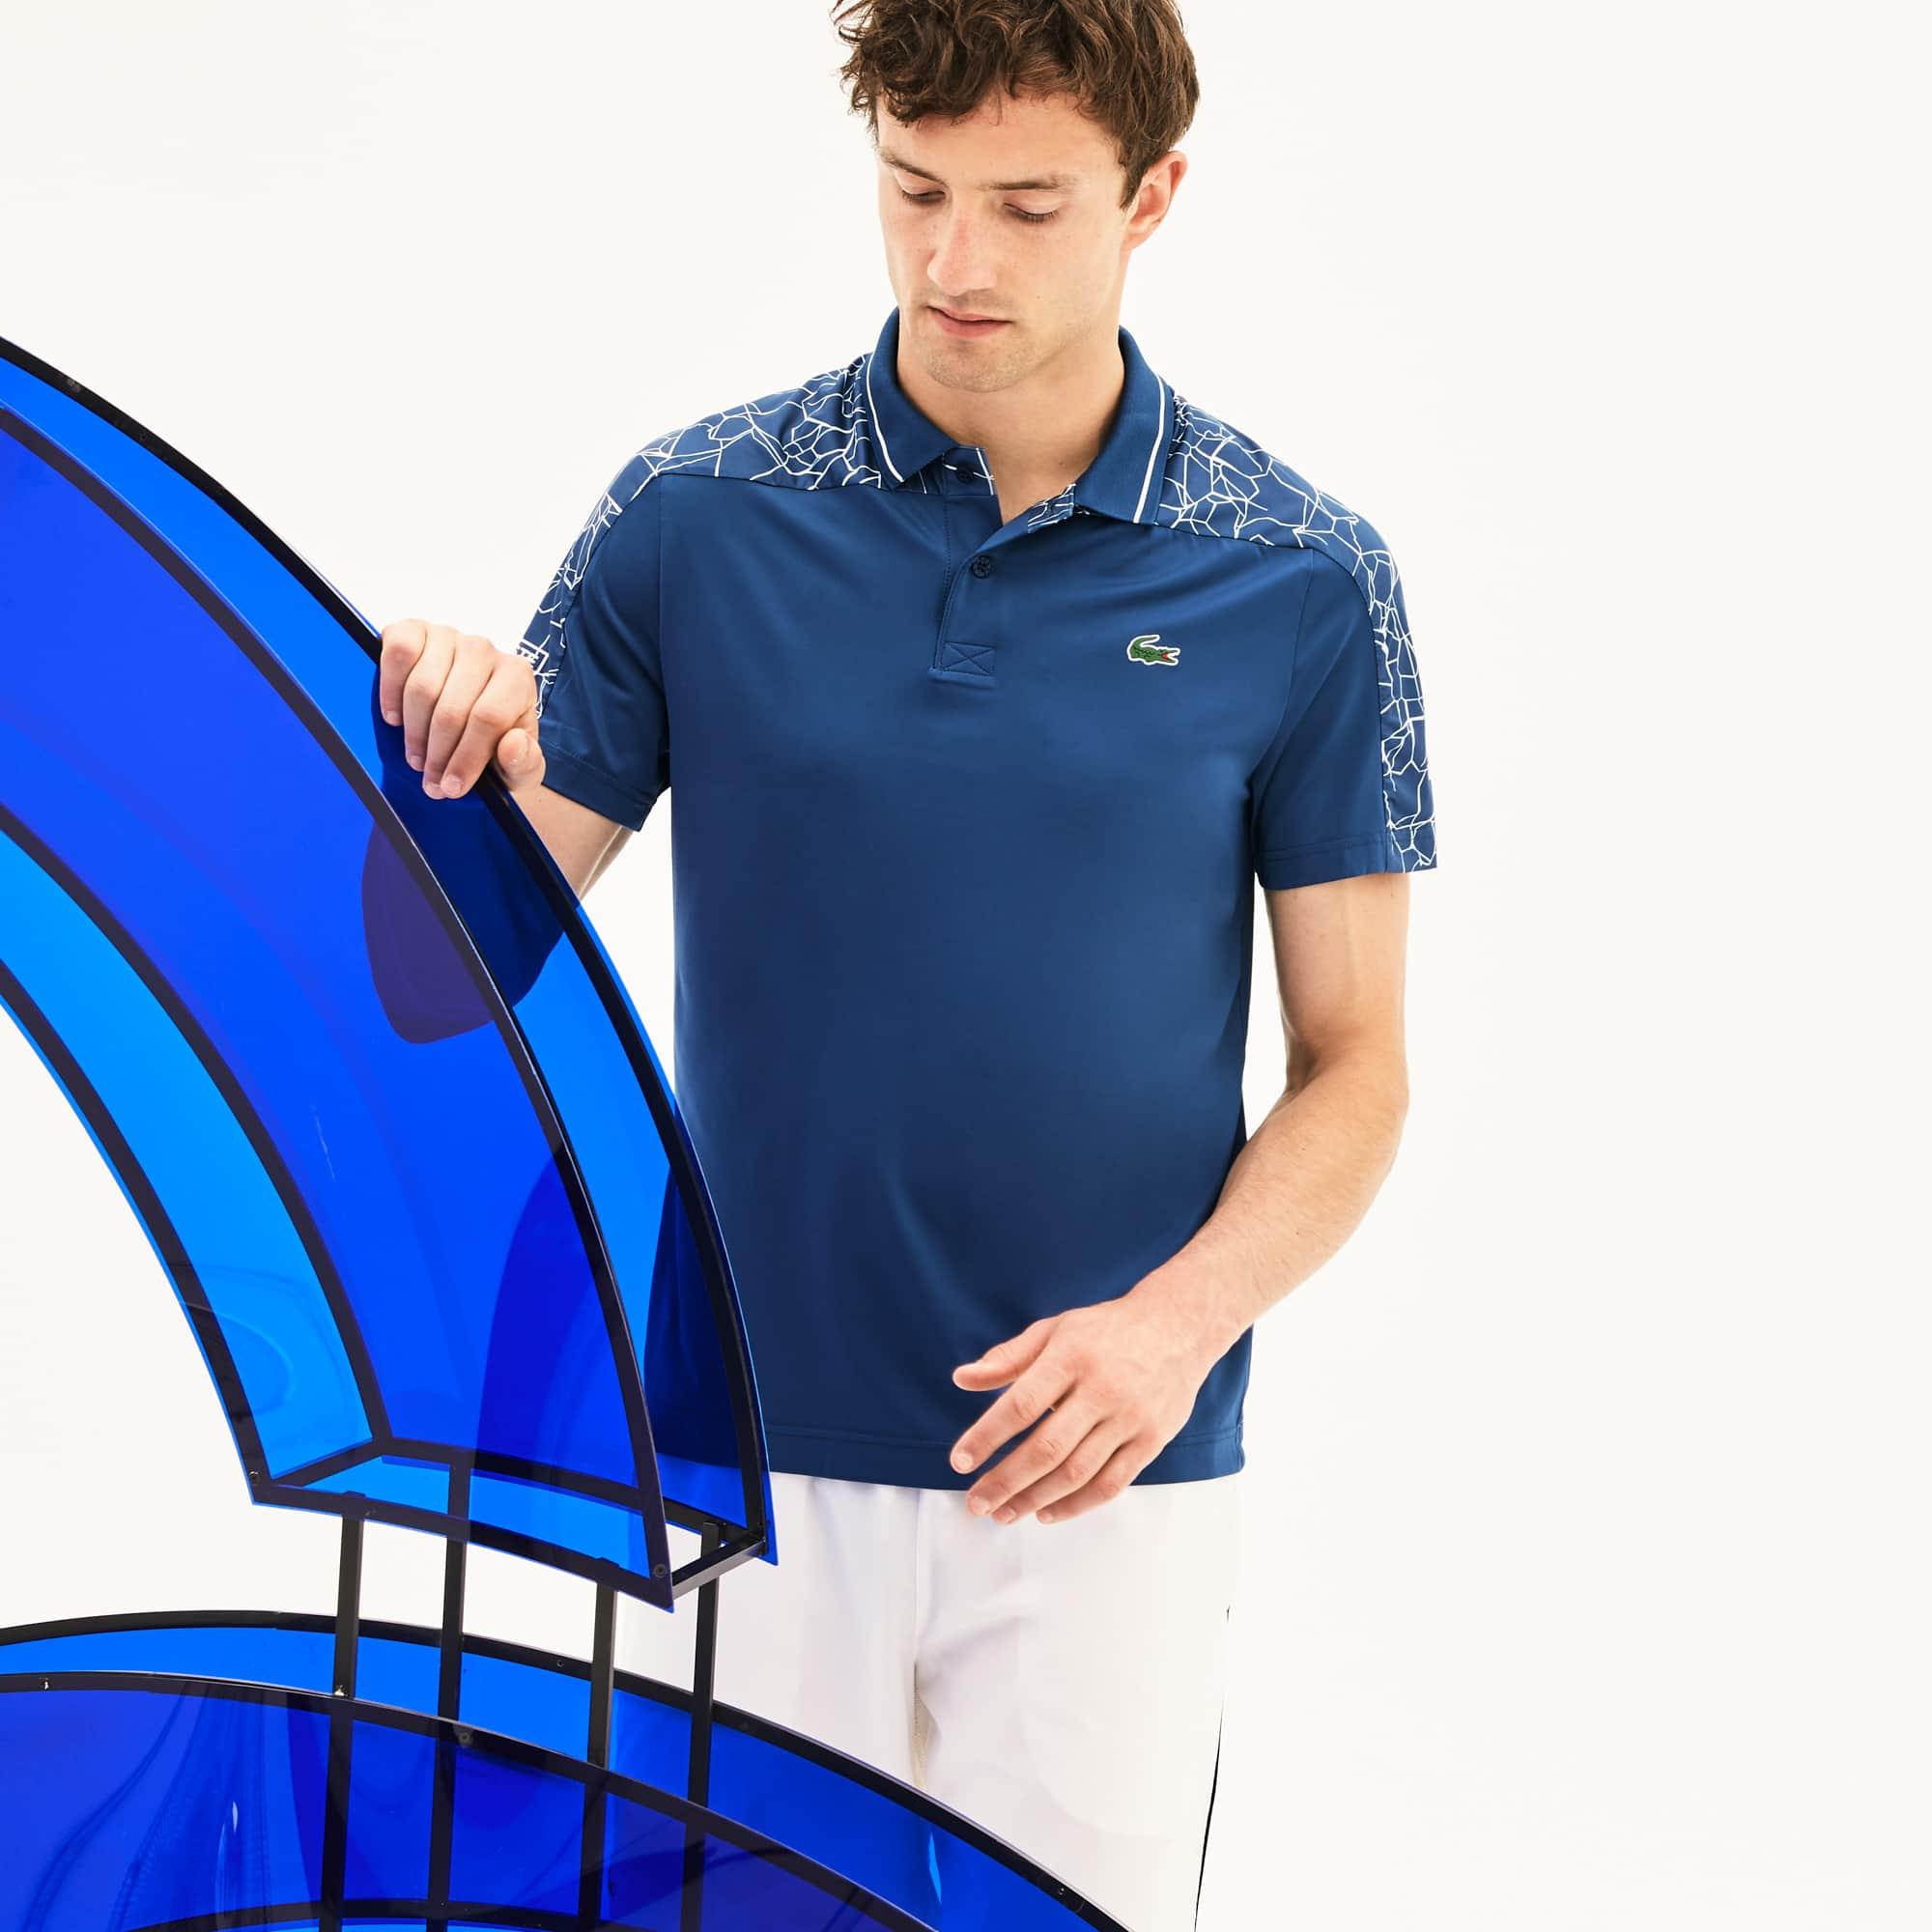 Novak Djokovic Collection  9726e0e928f